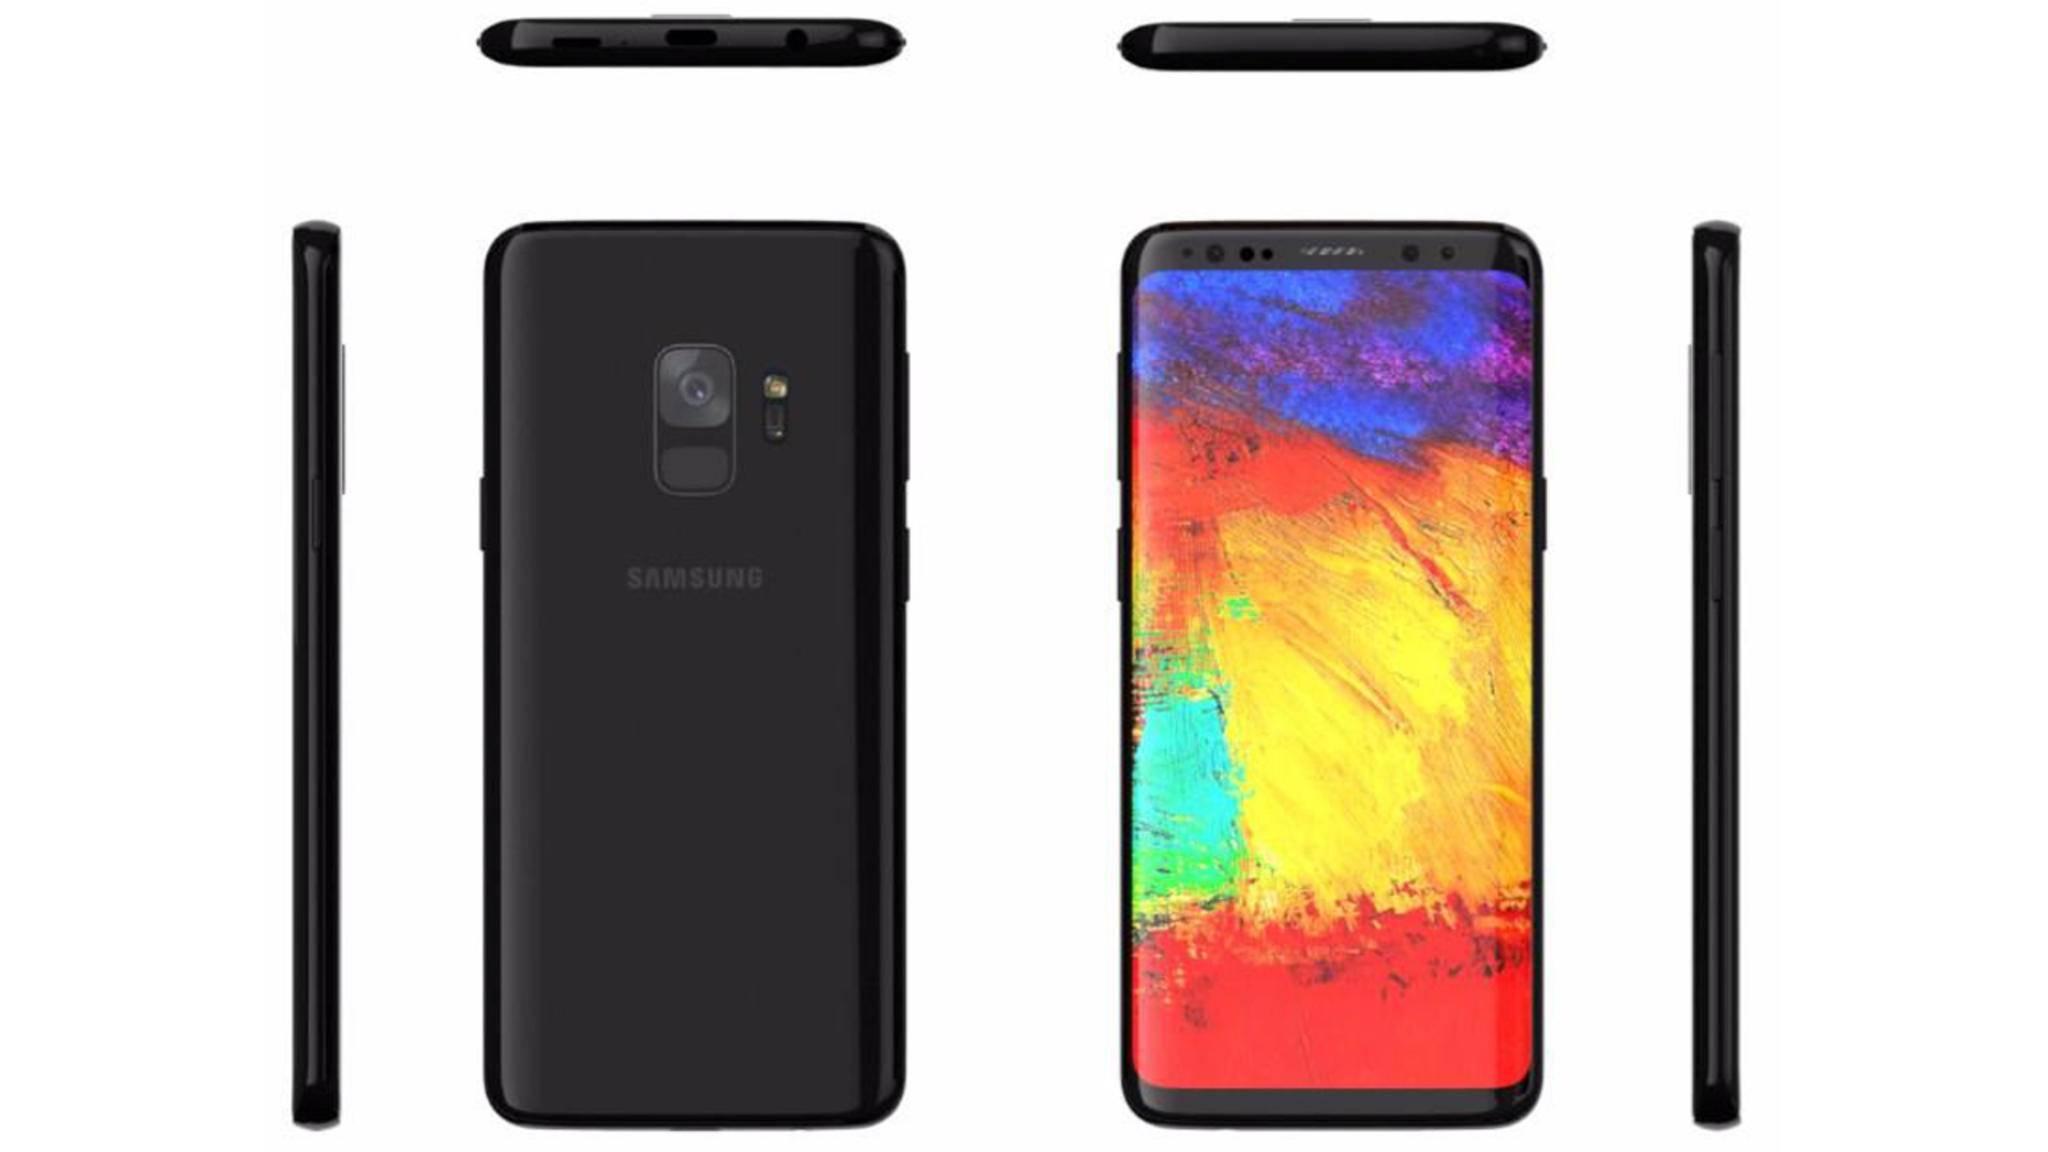 So soll es also aussehen, das Samsung Galaxy S9.